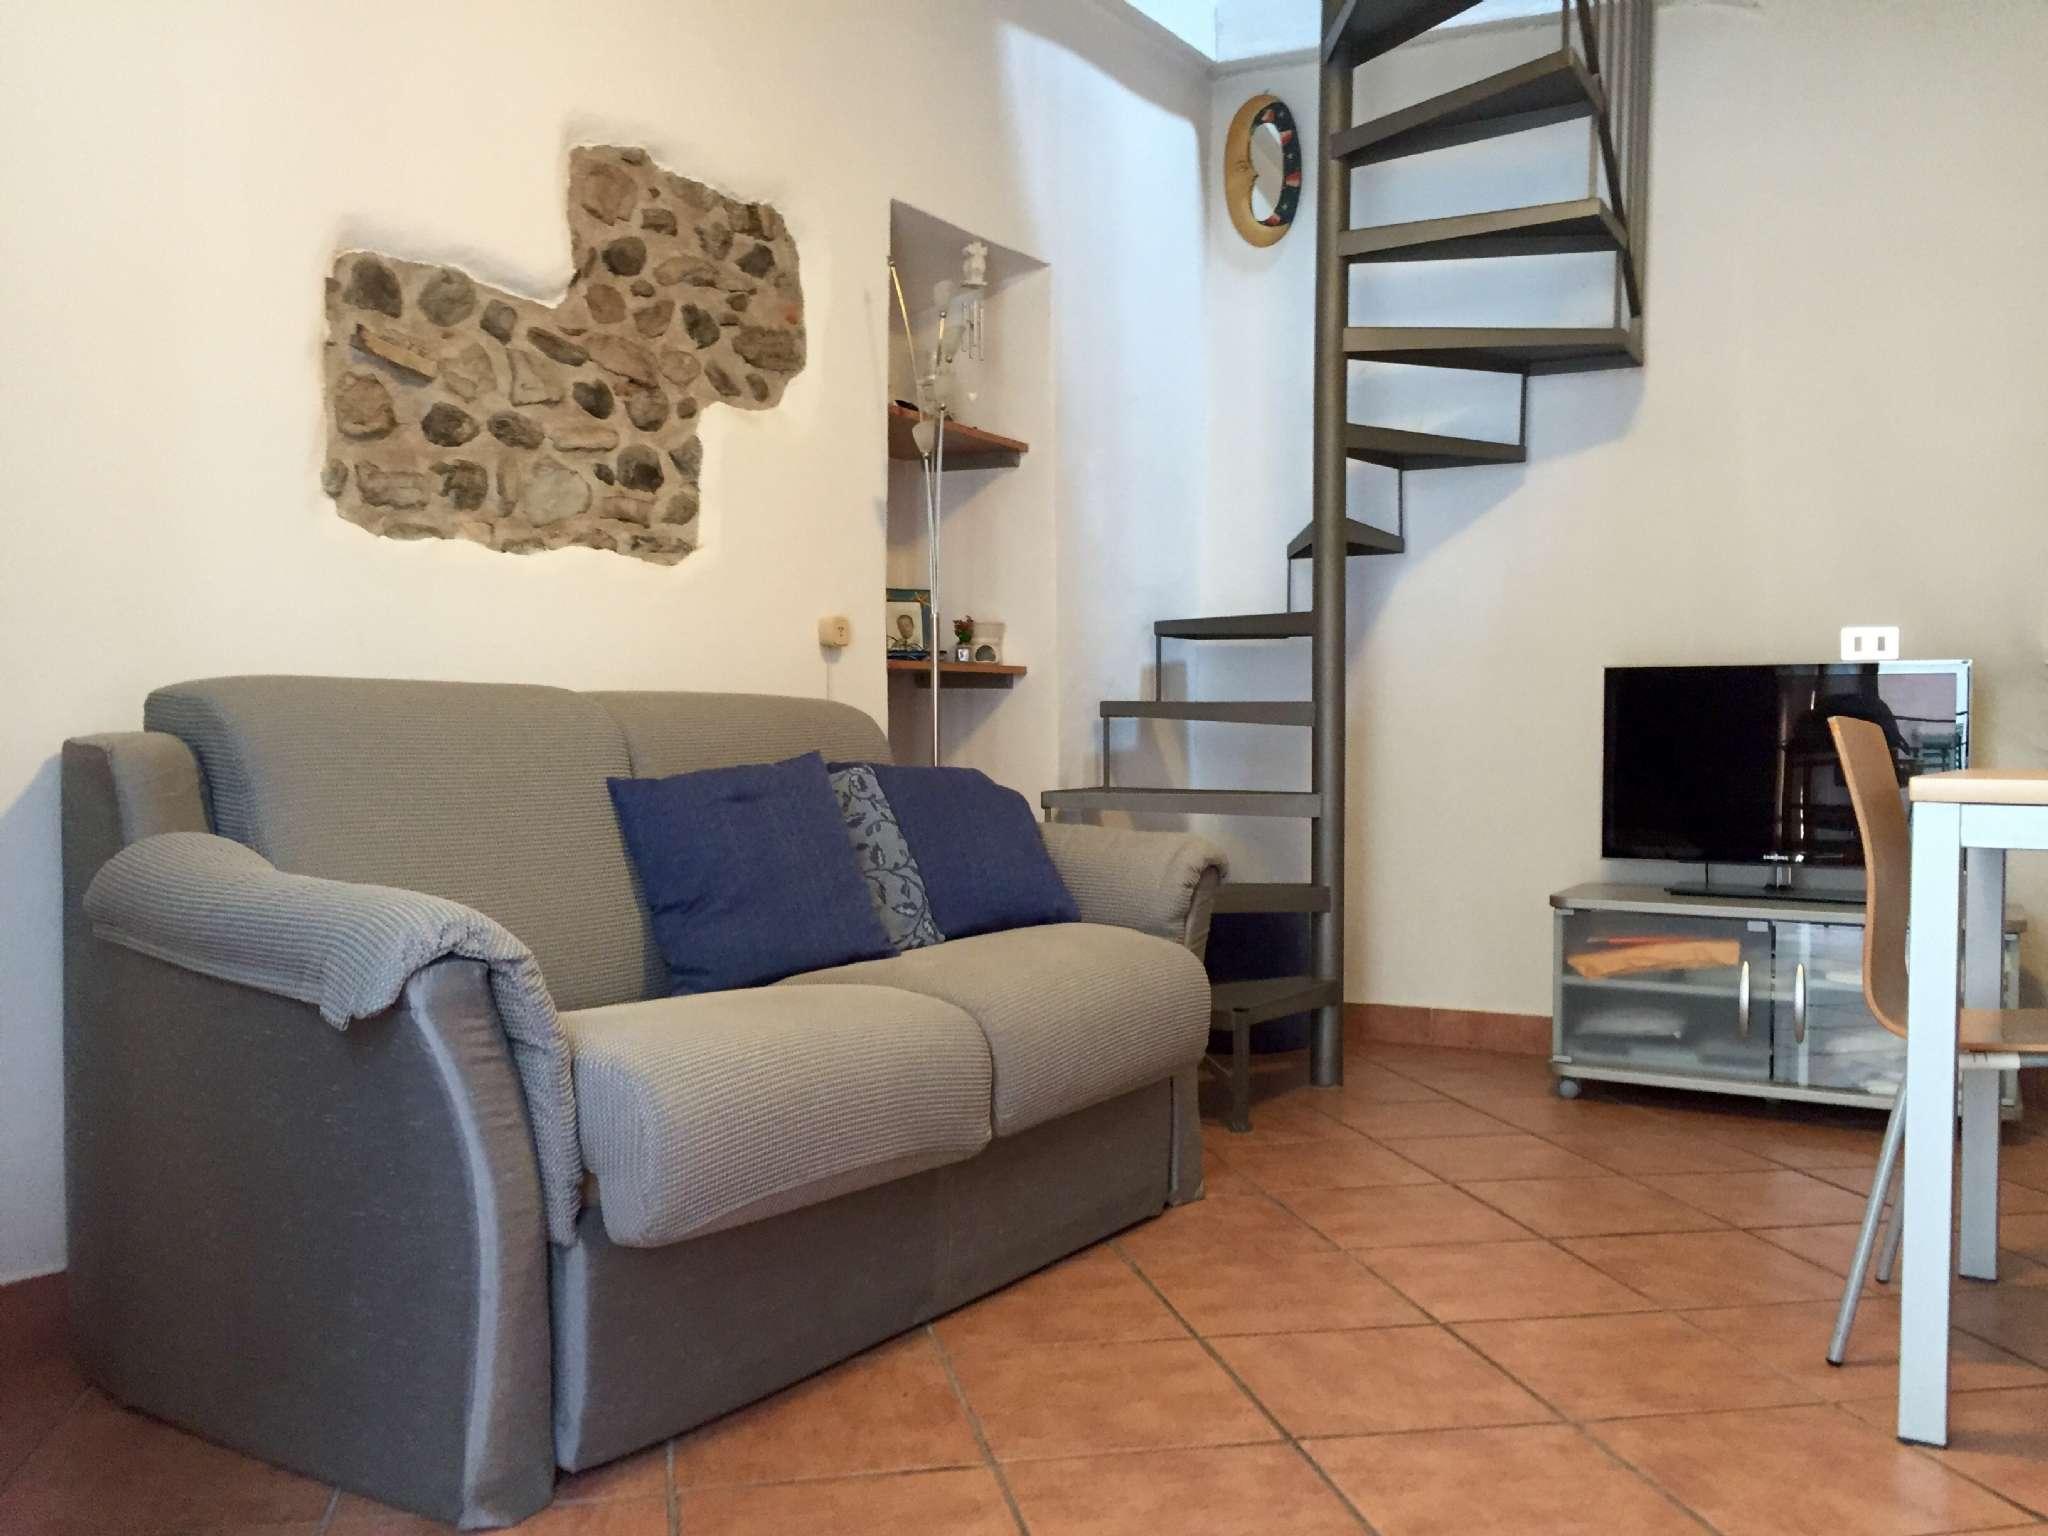 Appartamento in vendita a Gavirate, 2 locali, prezzo € 59.000 | CambioCasa.it